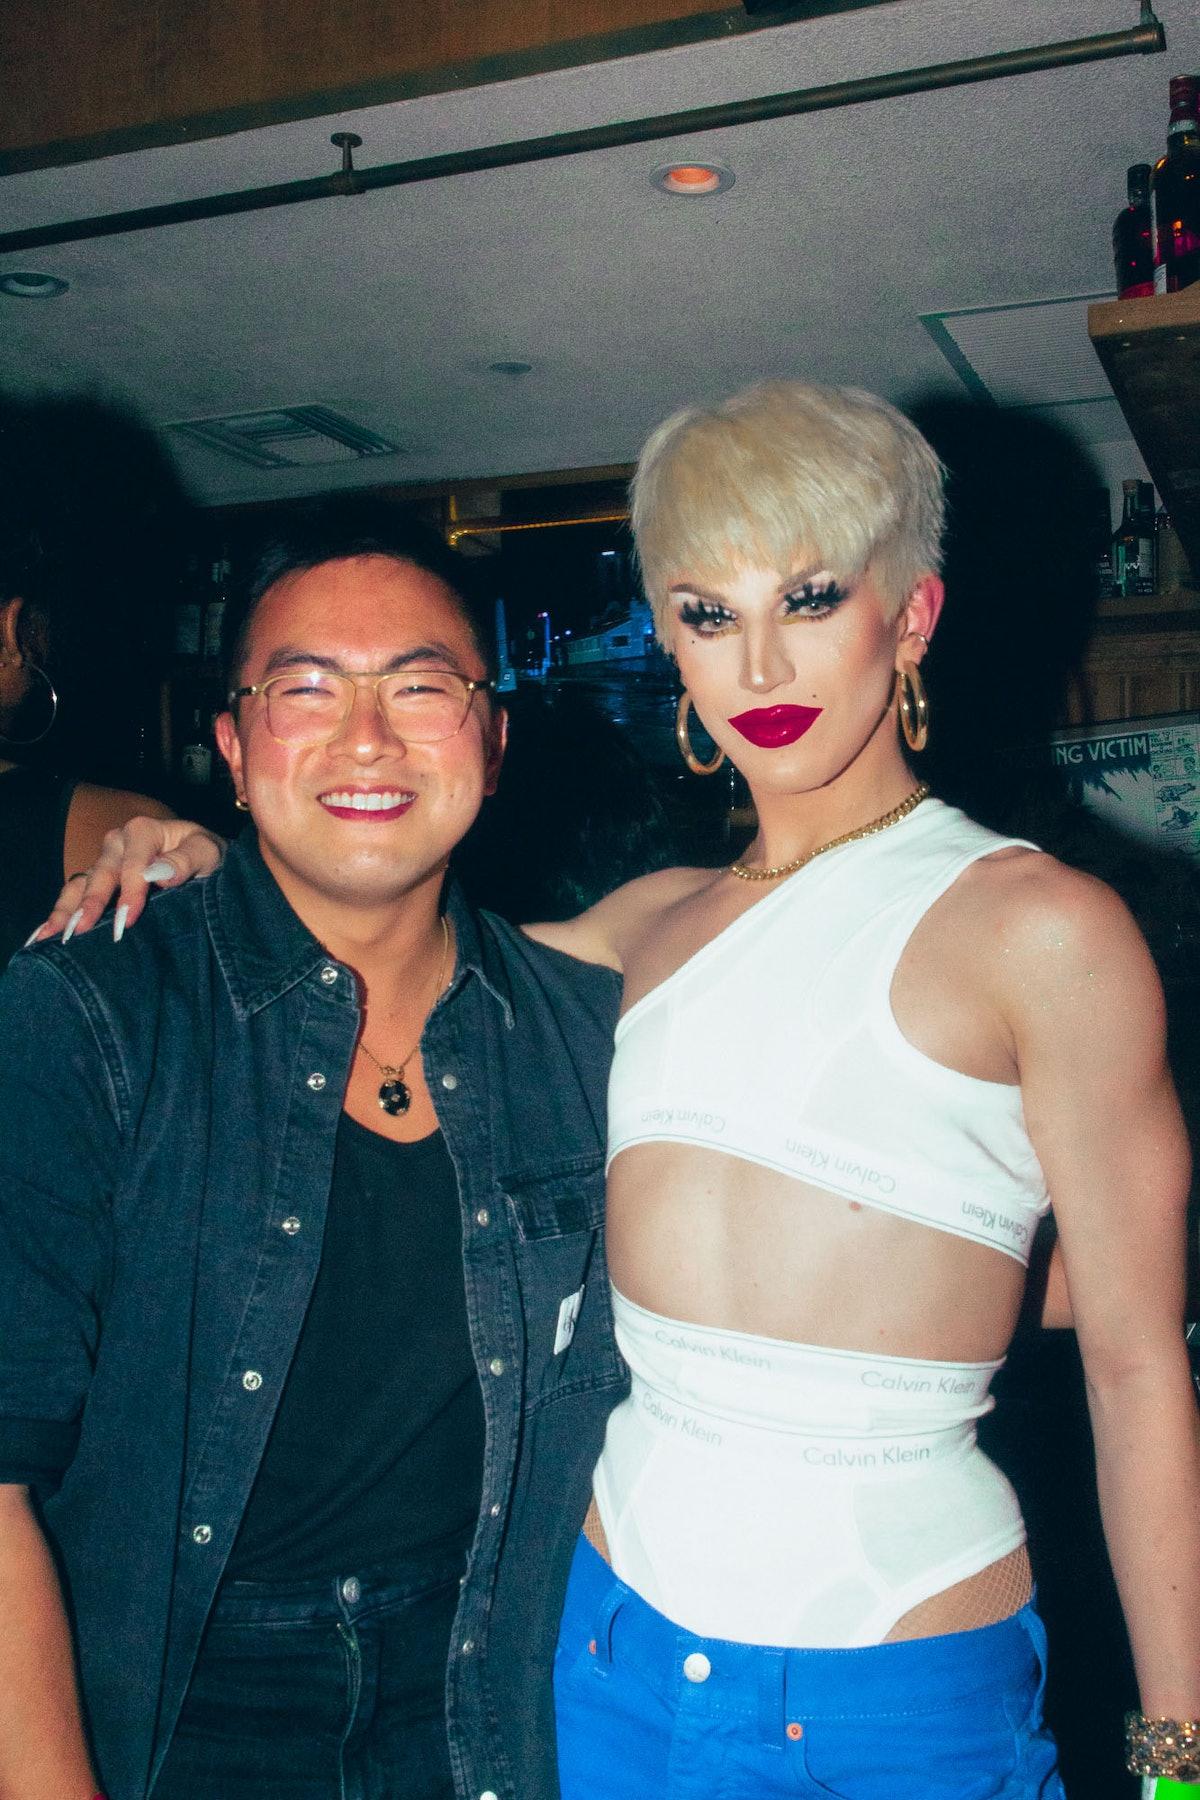 Bowen Yang and Aquaria